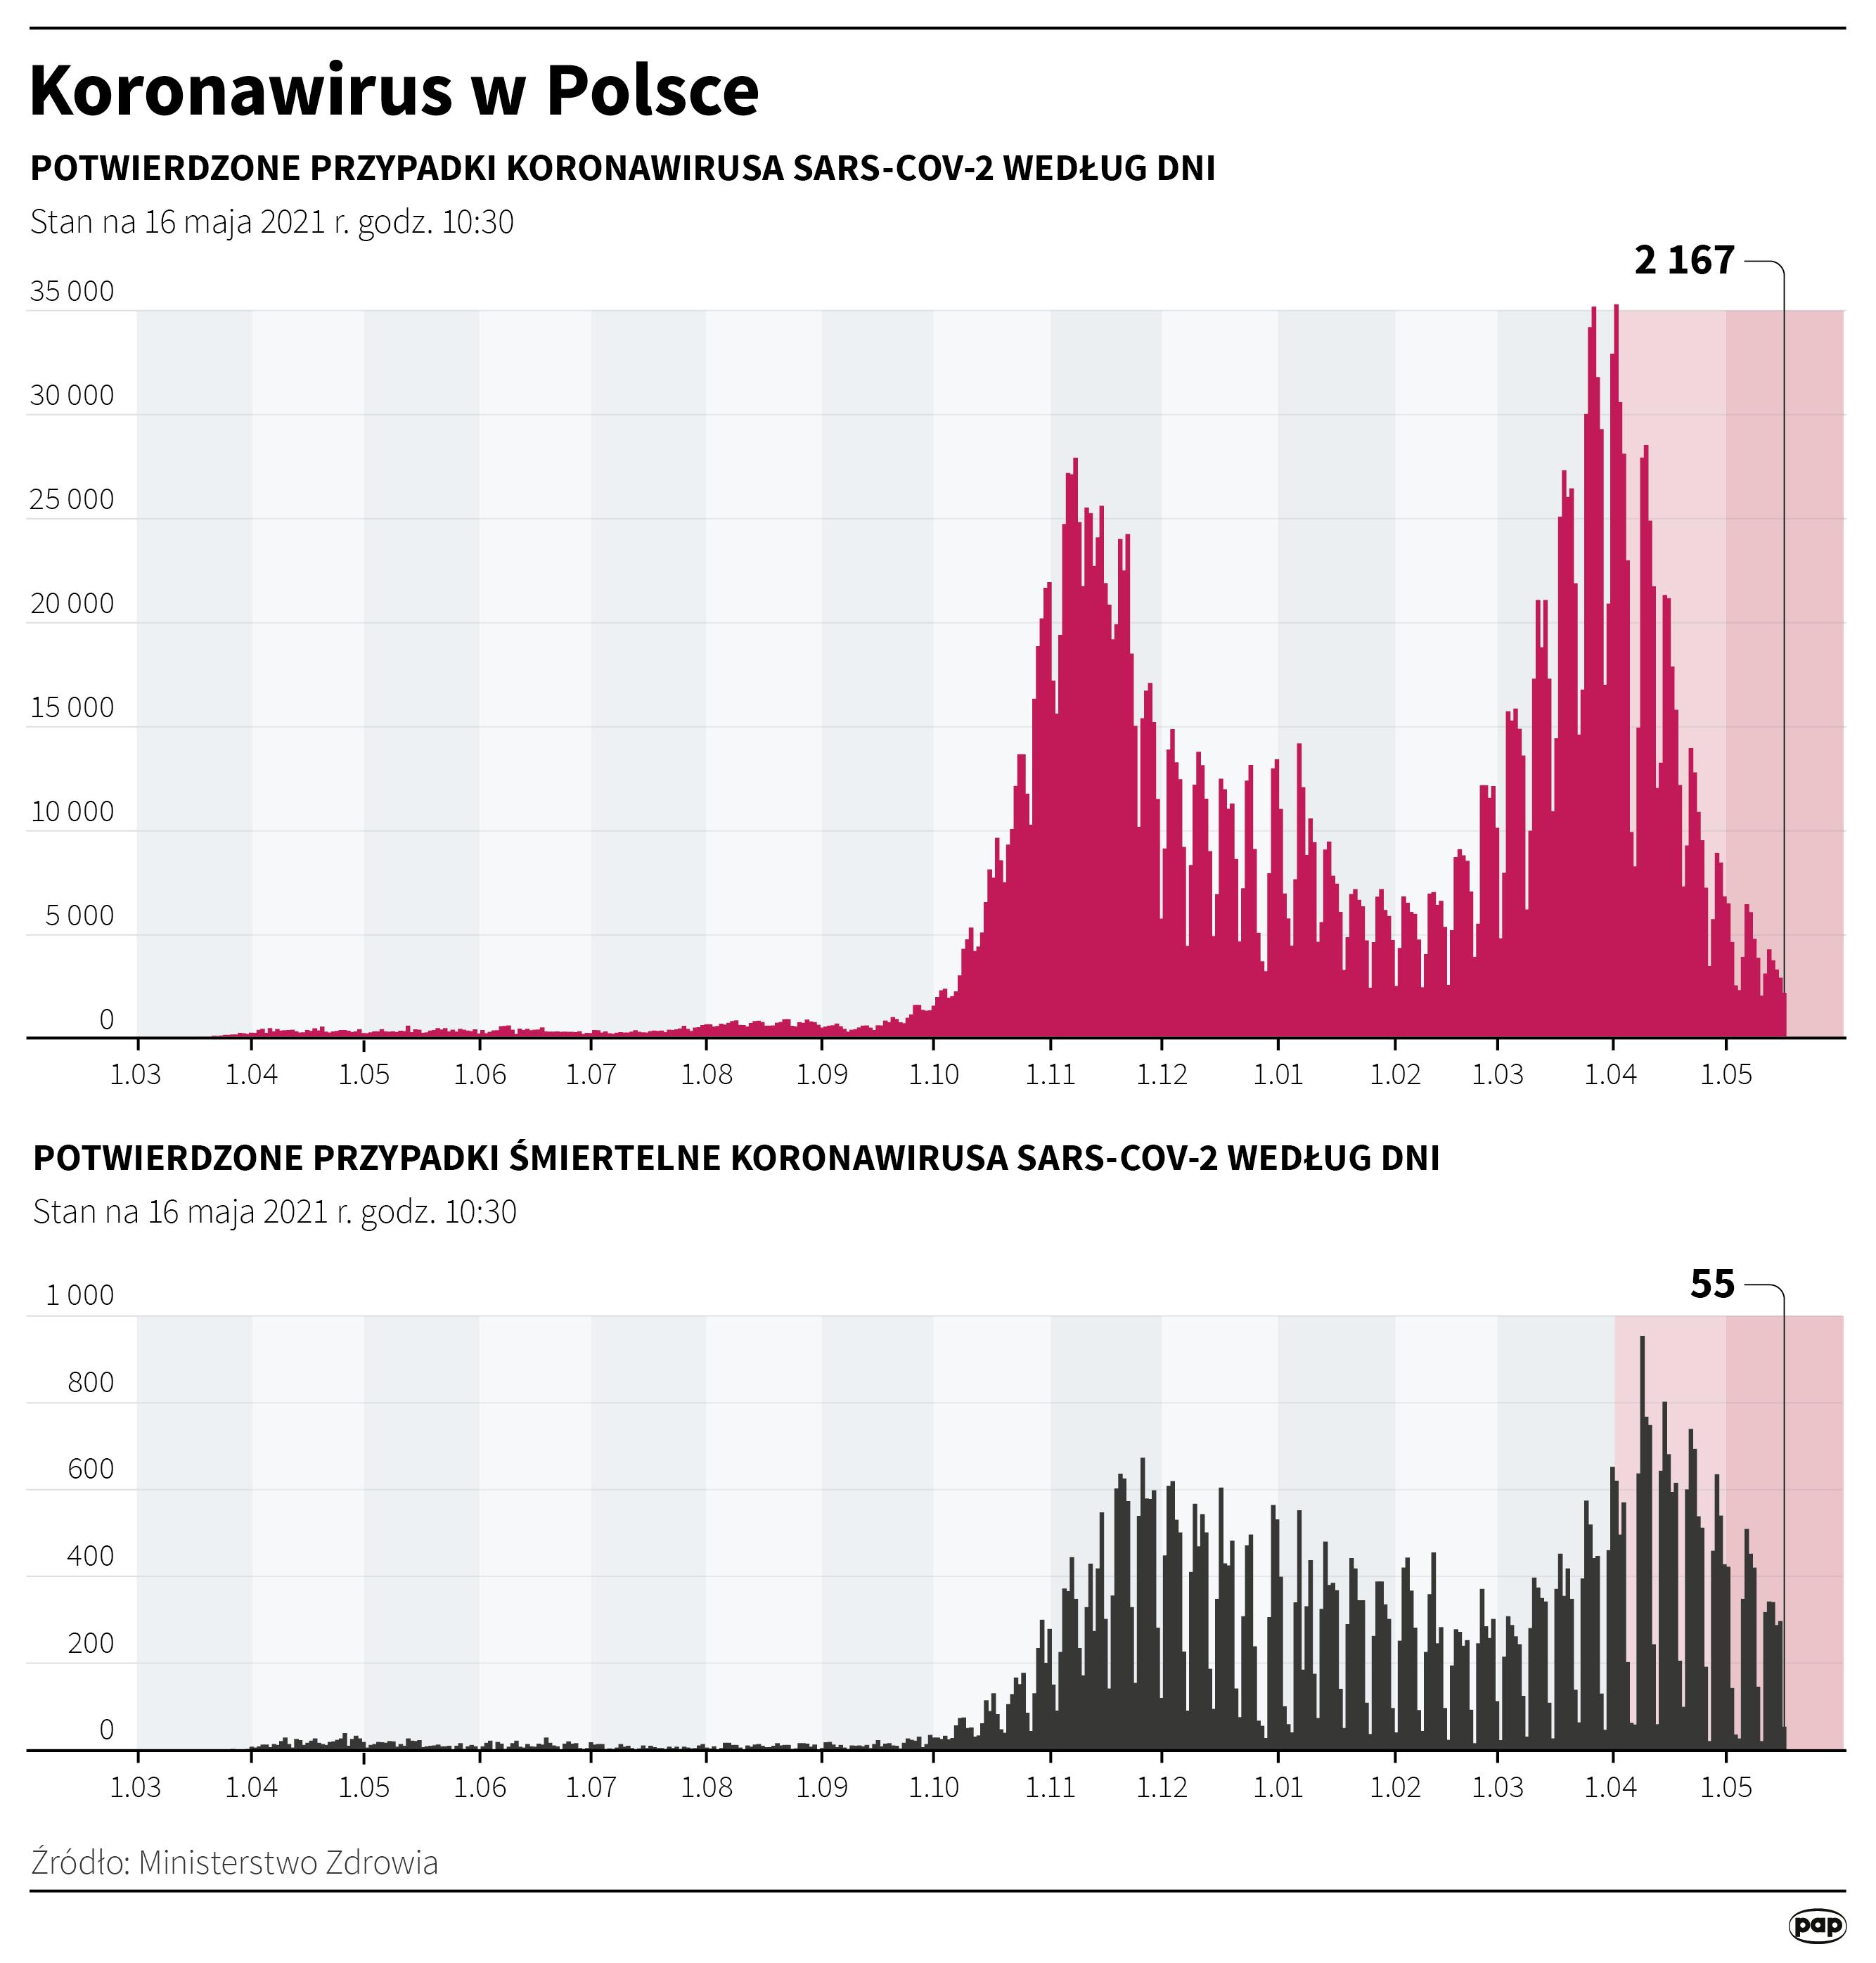 Koronawirus w Polsce stan na 16 maja [autor: Maciej Zieliński, źródło: PAP]